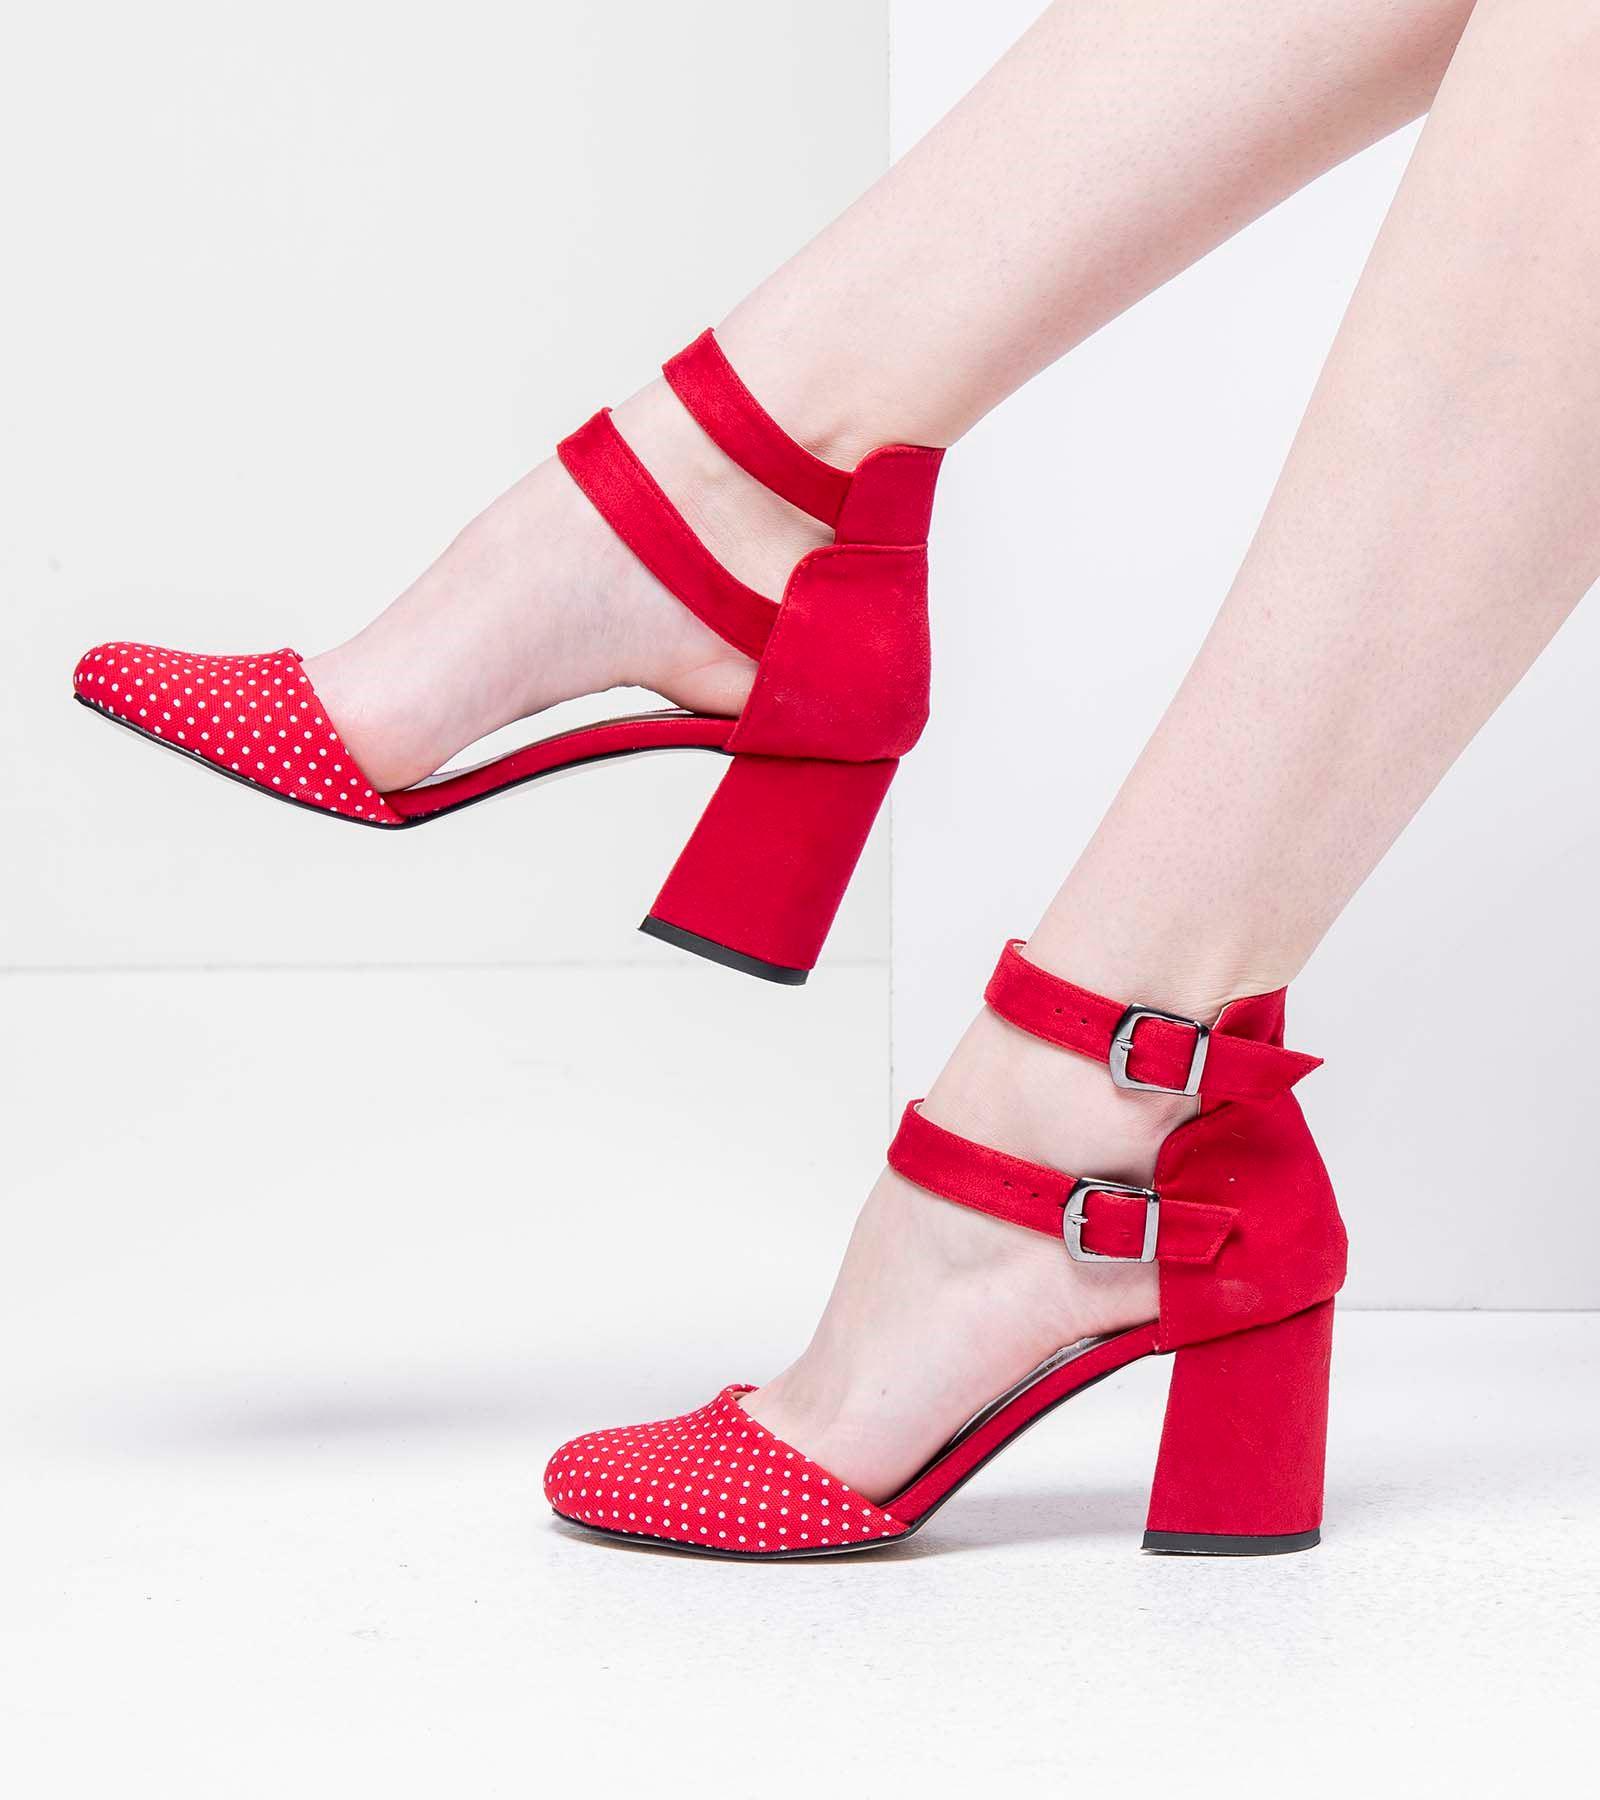 Karmen Topuklu Süet Ayakkabı Kırmızı Puantiye